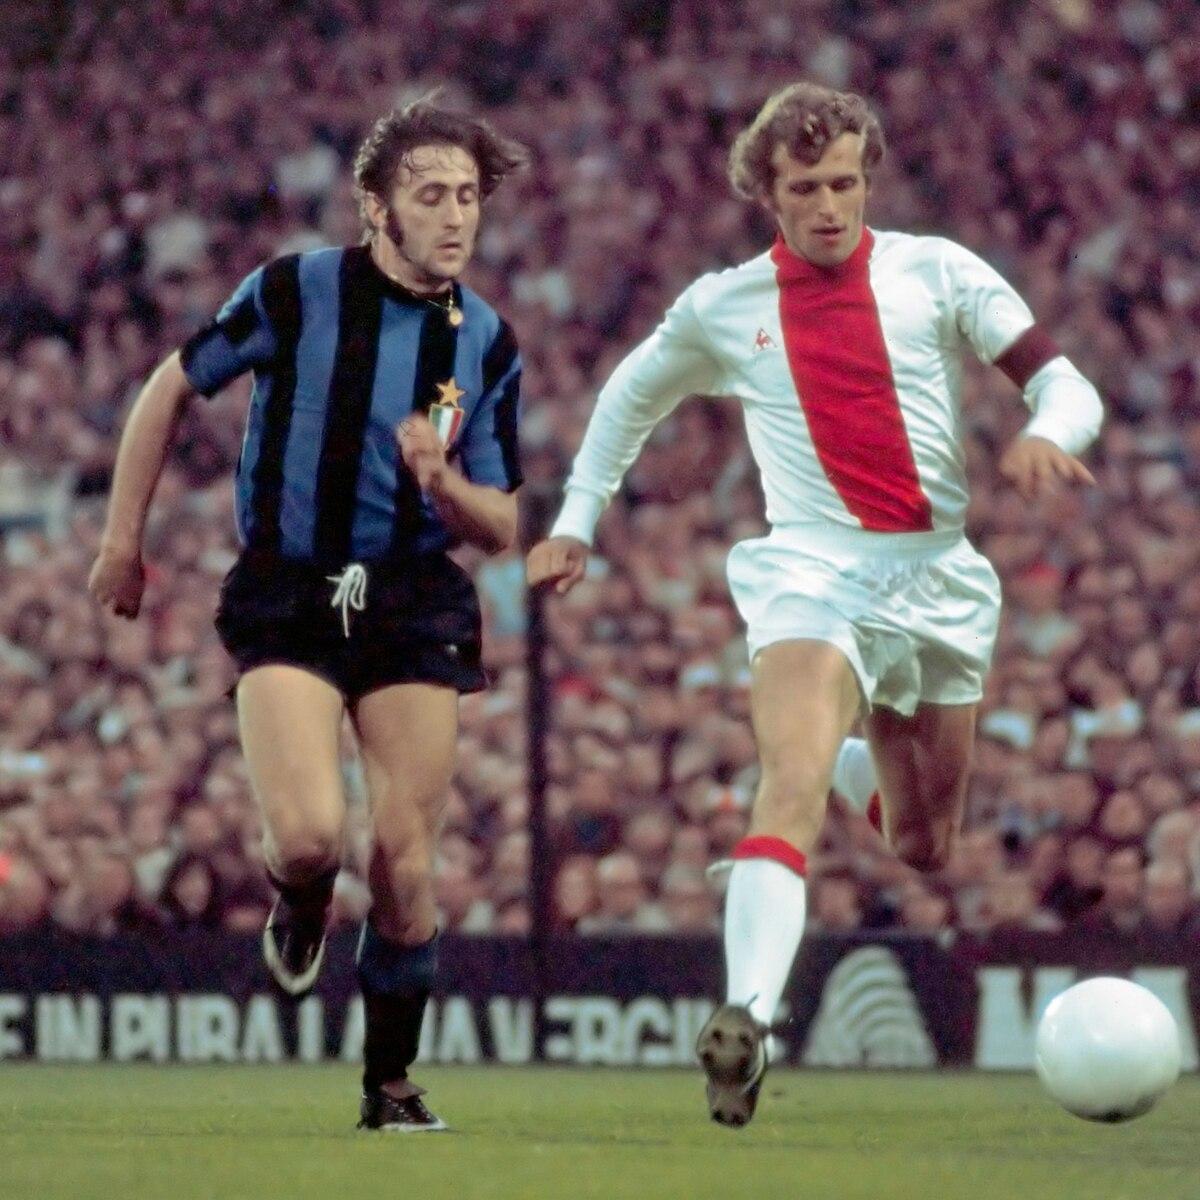 1972 European Cup Final